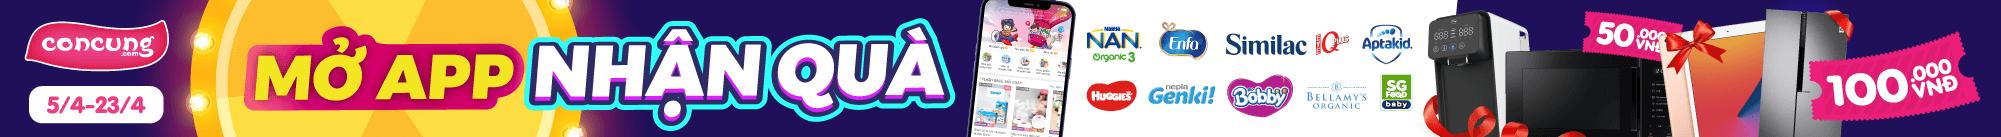 Mở app nhận quà Top 4505